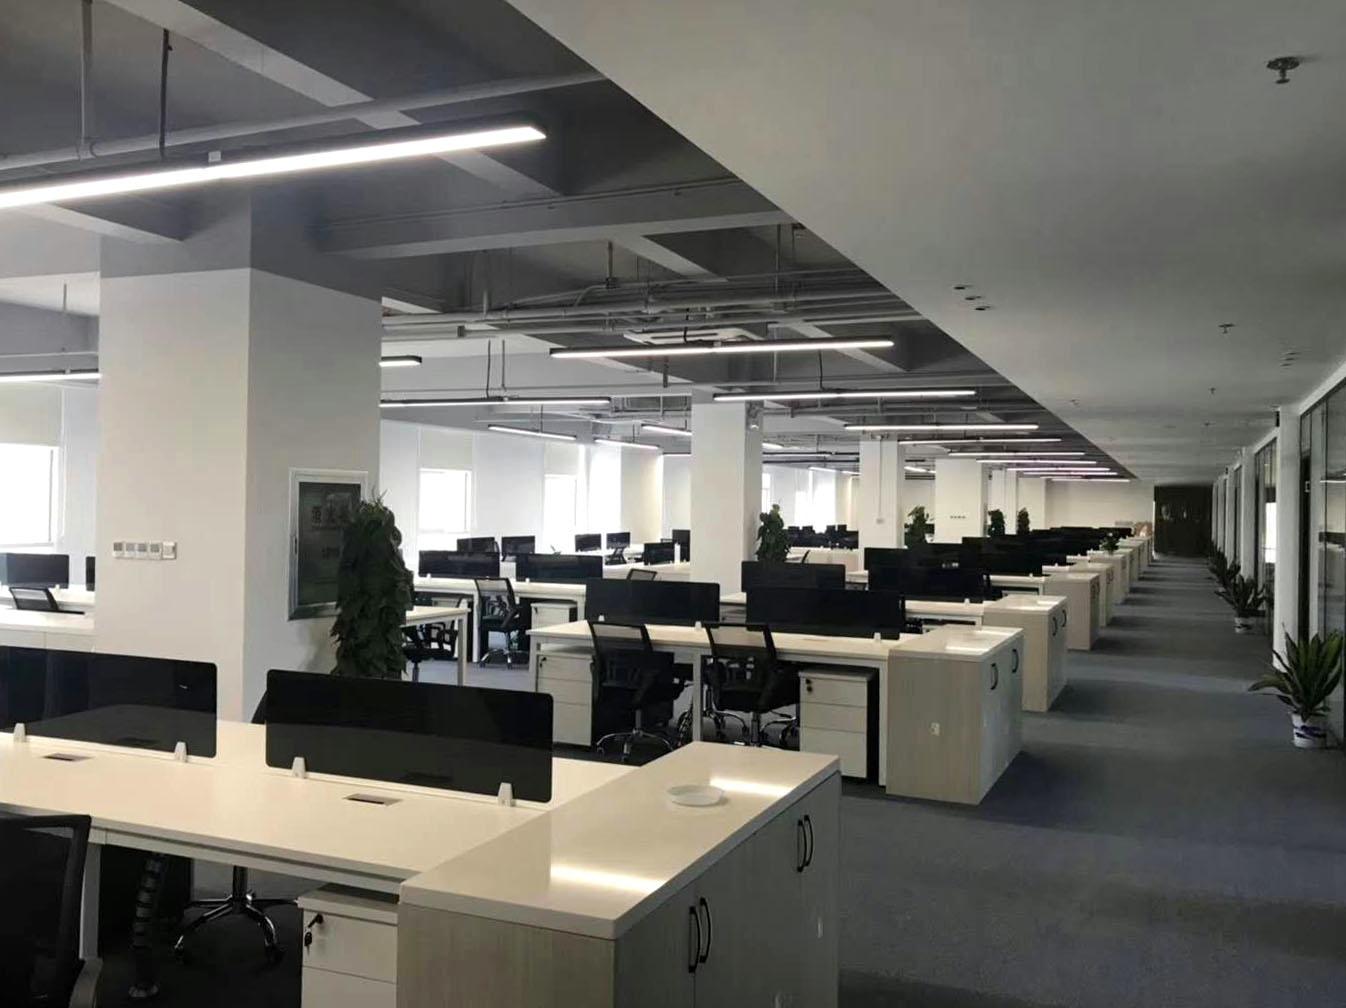 【光同亮-办公照明】武汉华润医药办公楼